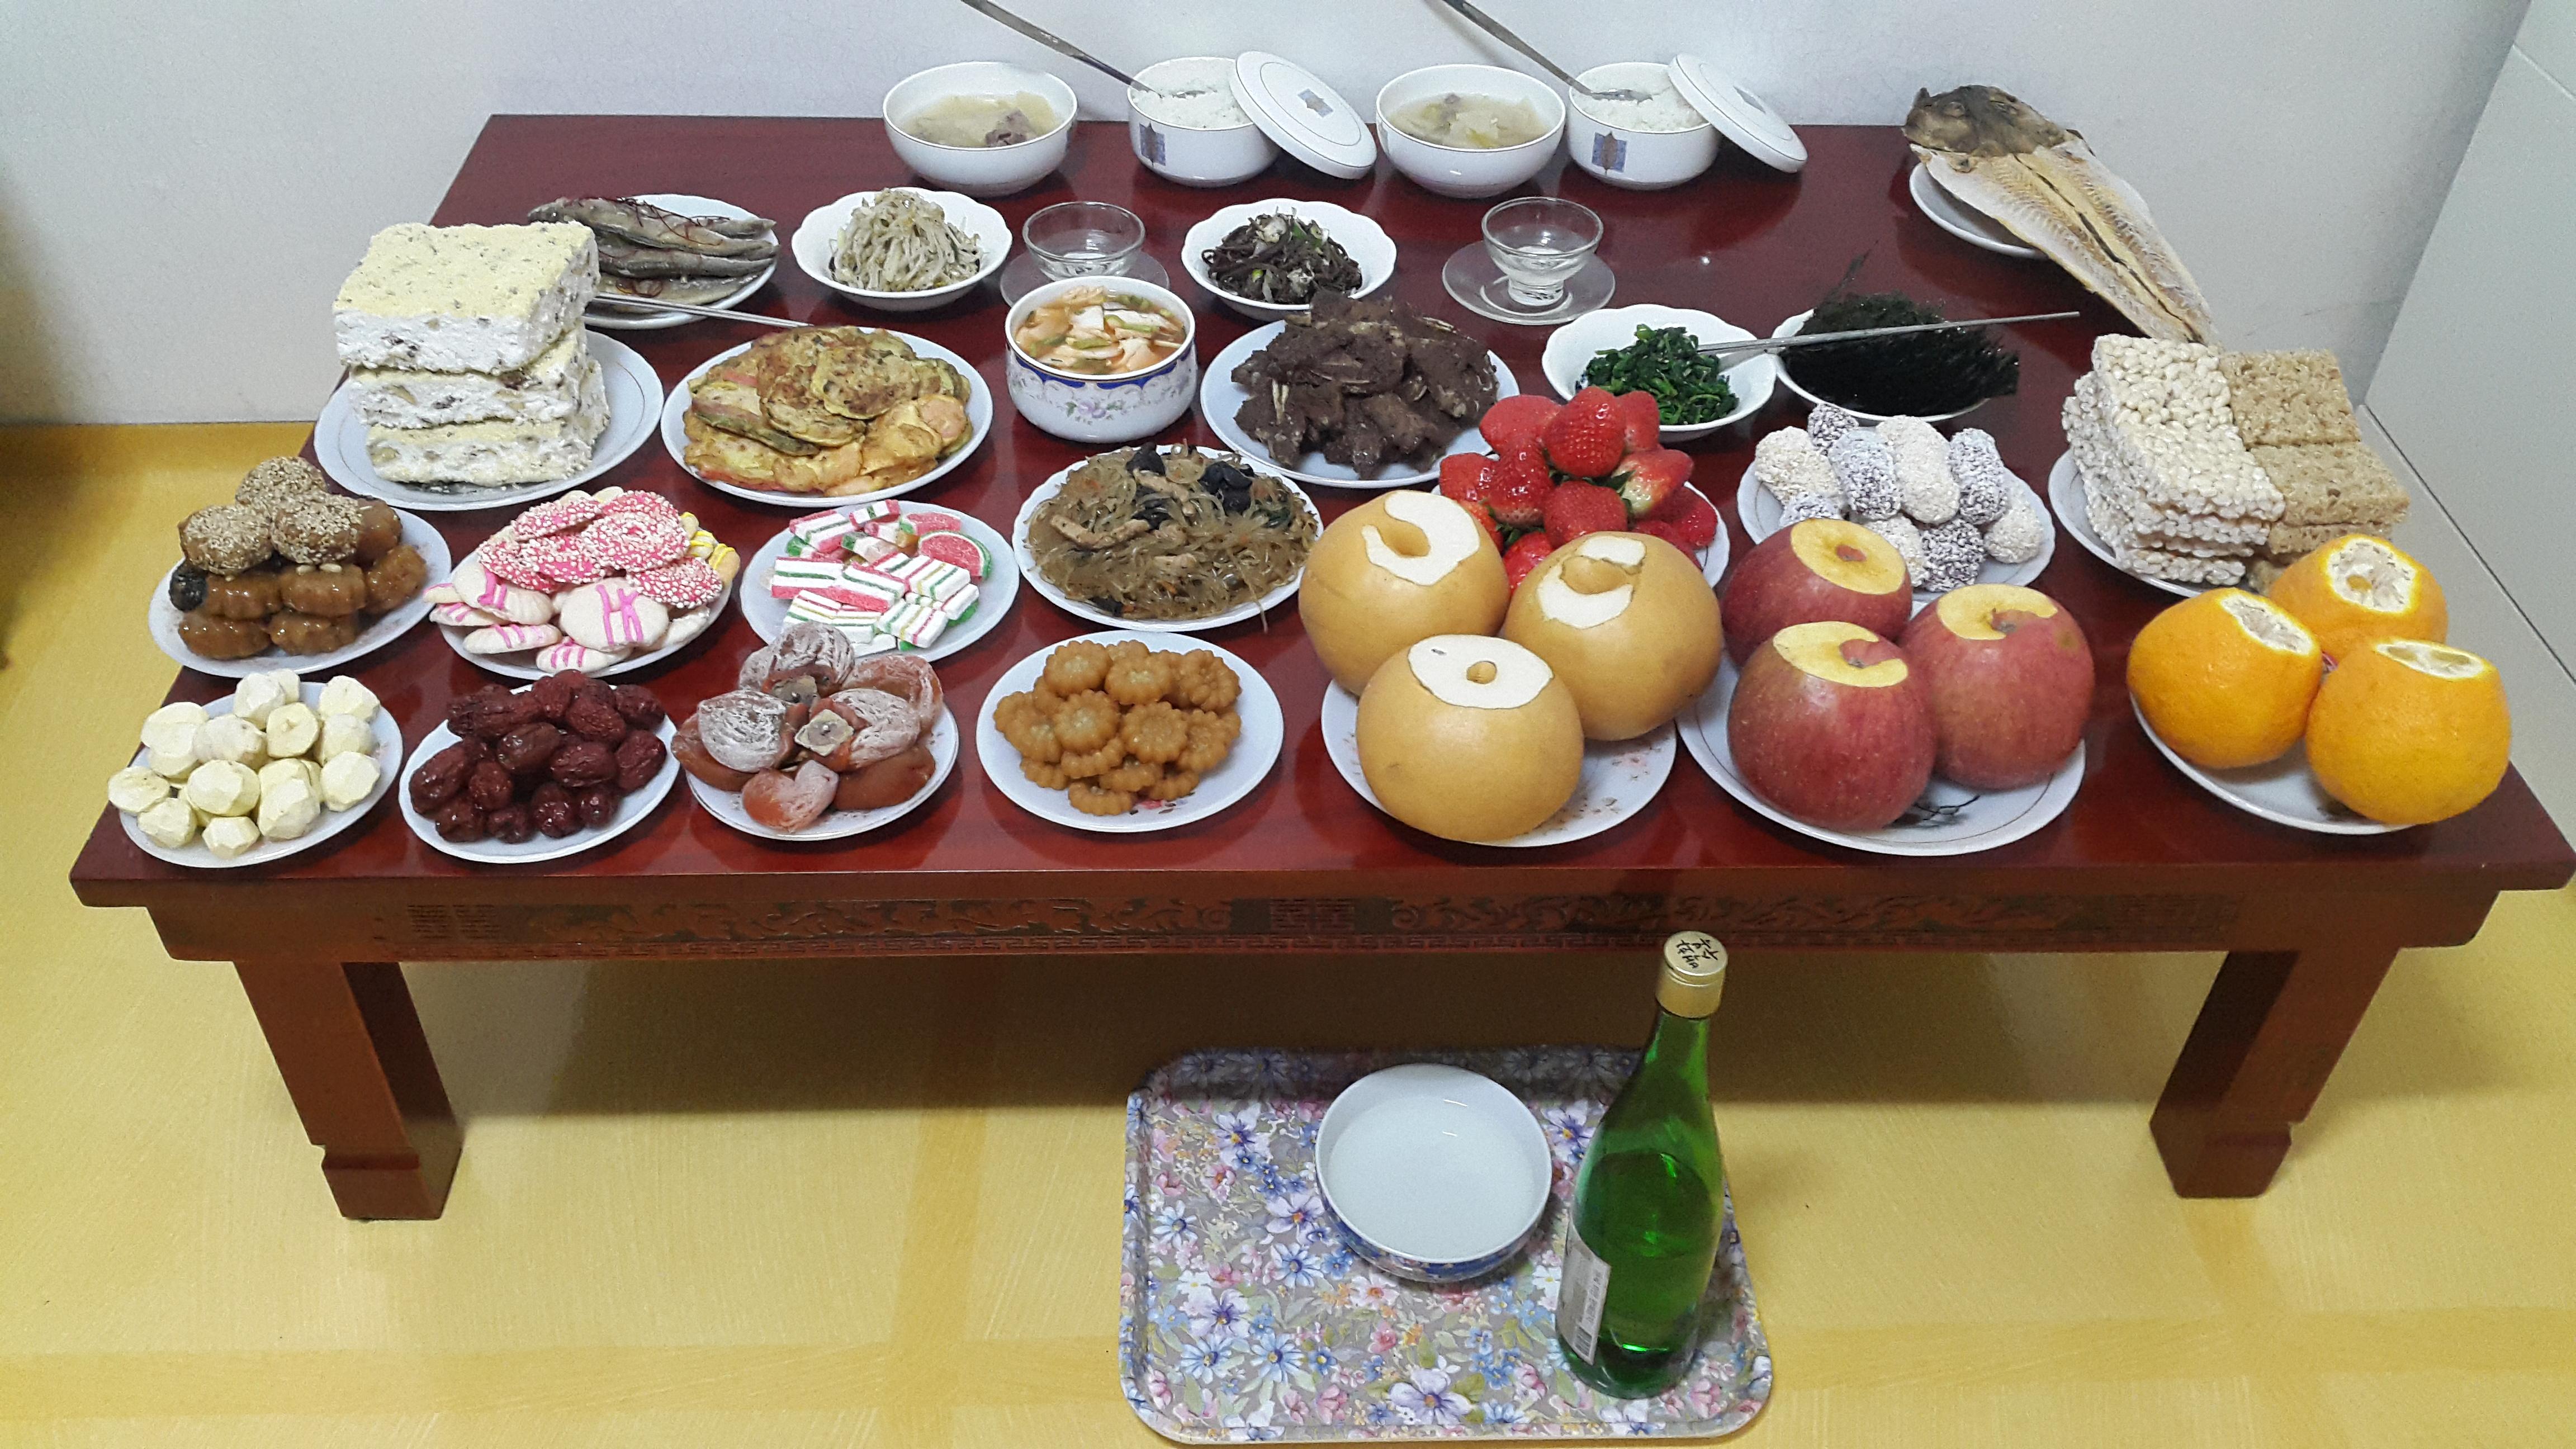 旧正月(설날)の茶礼床(차례상)